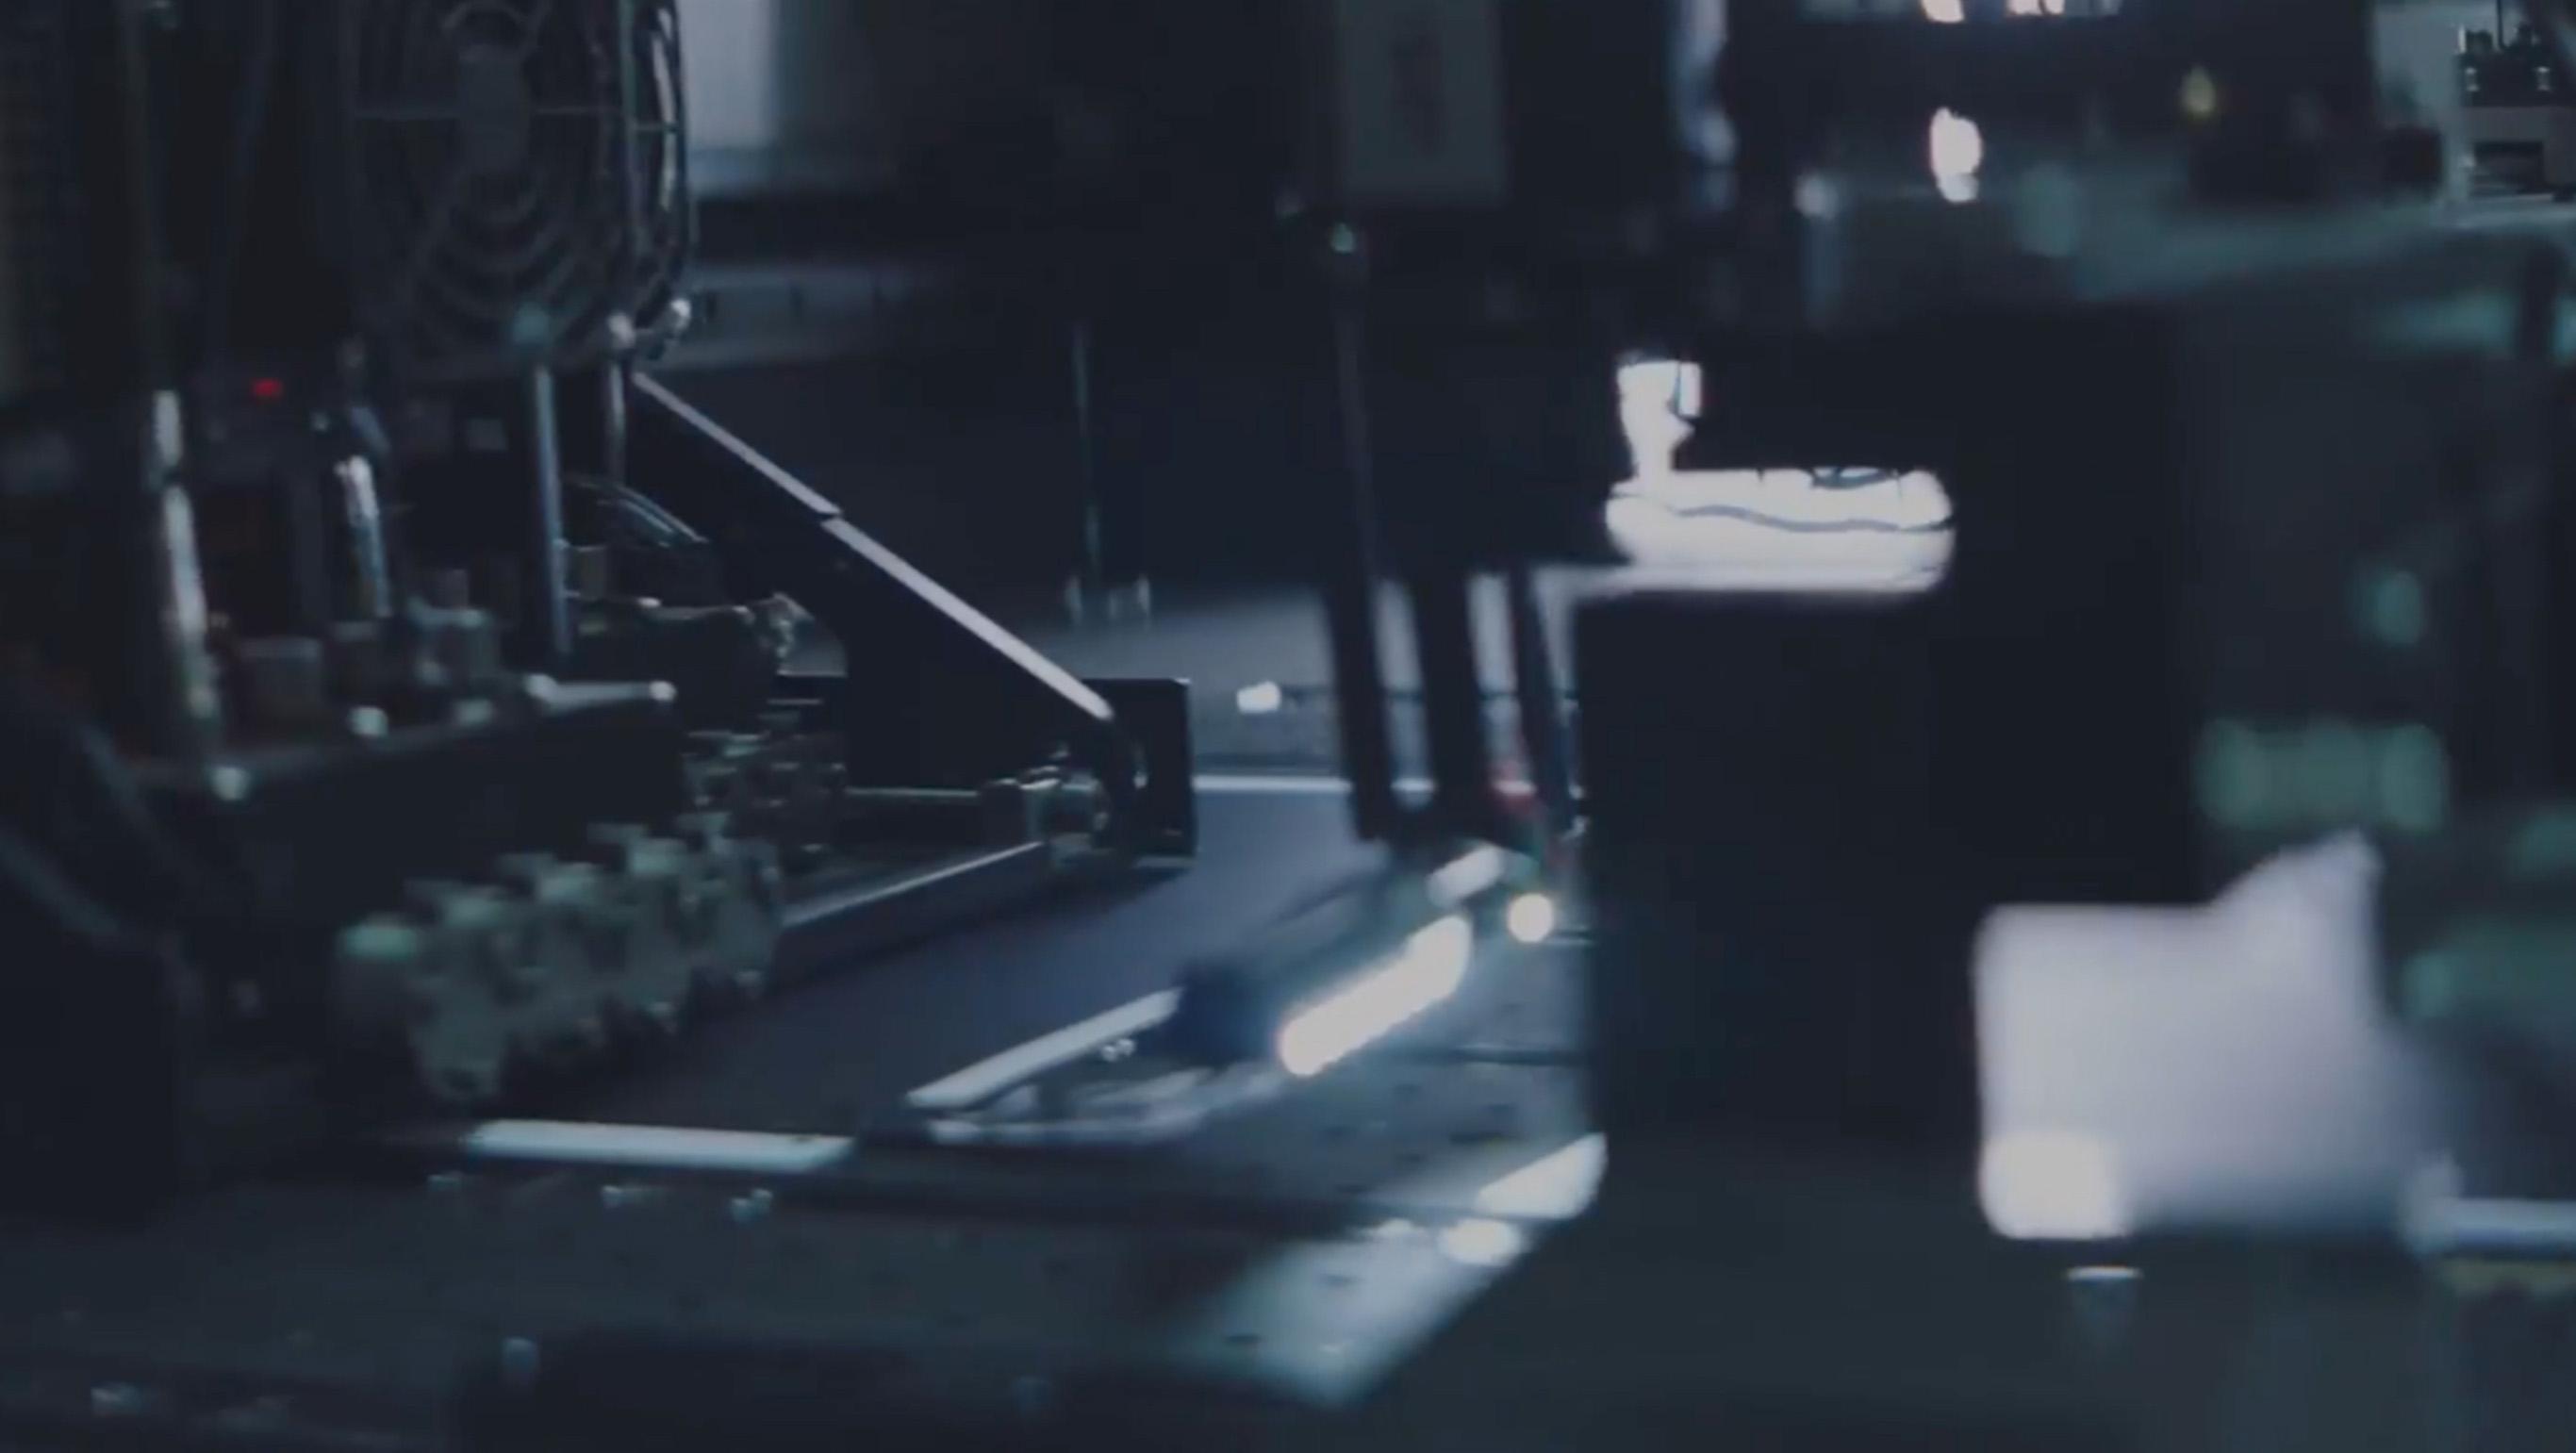 Inside a print cutting machine